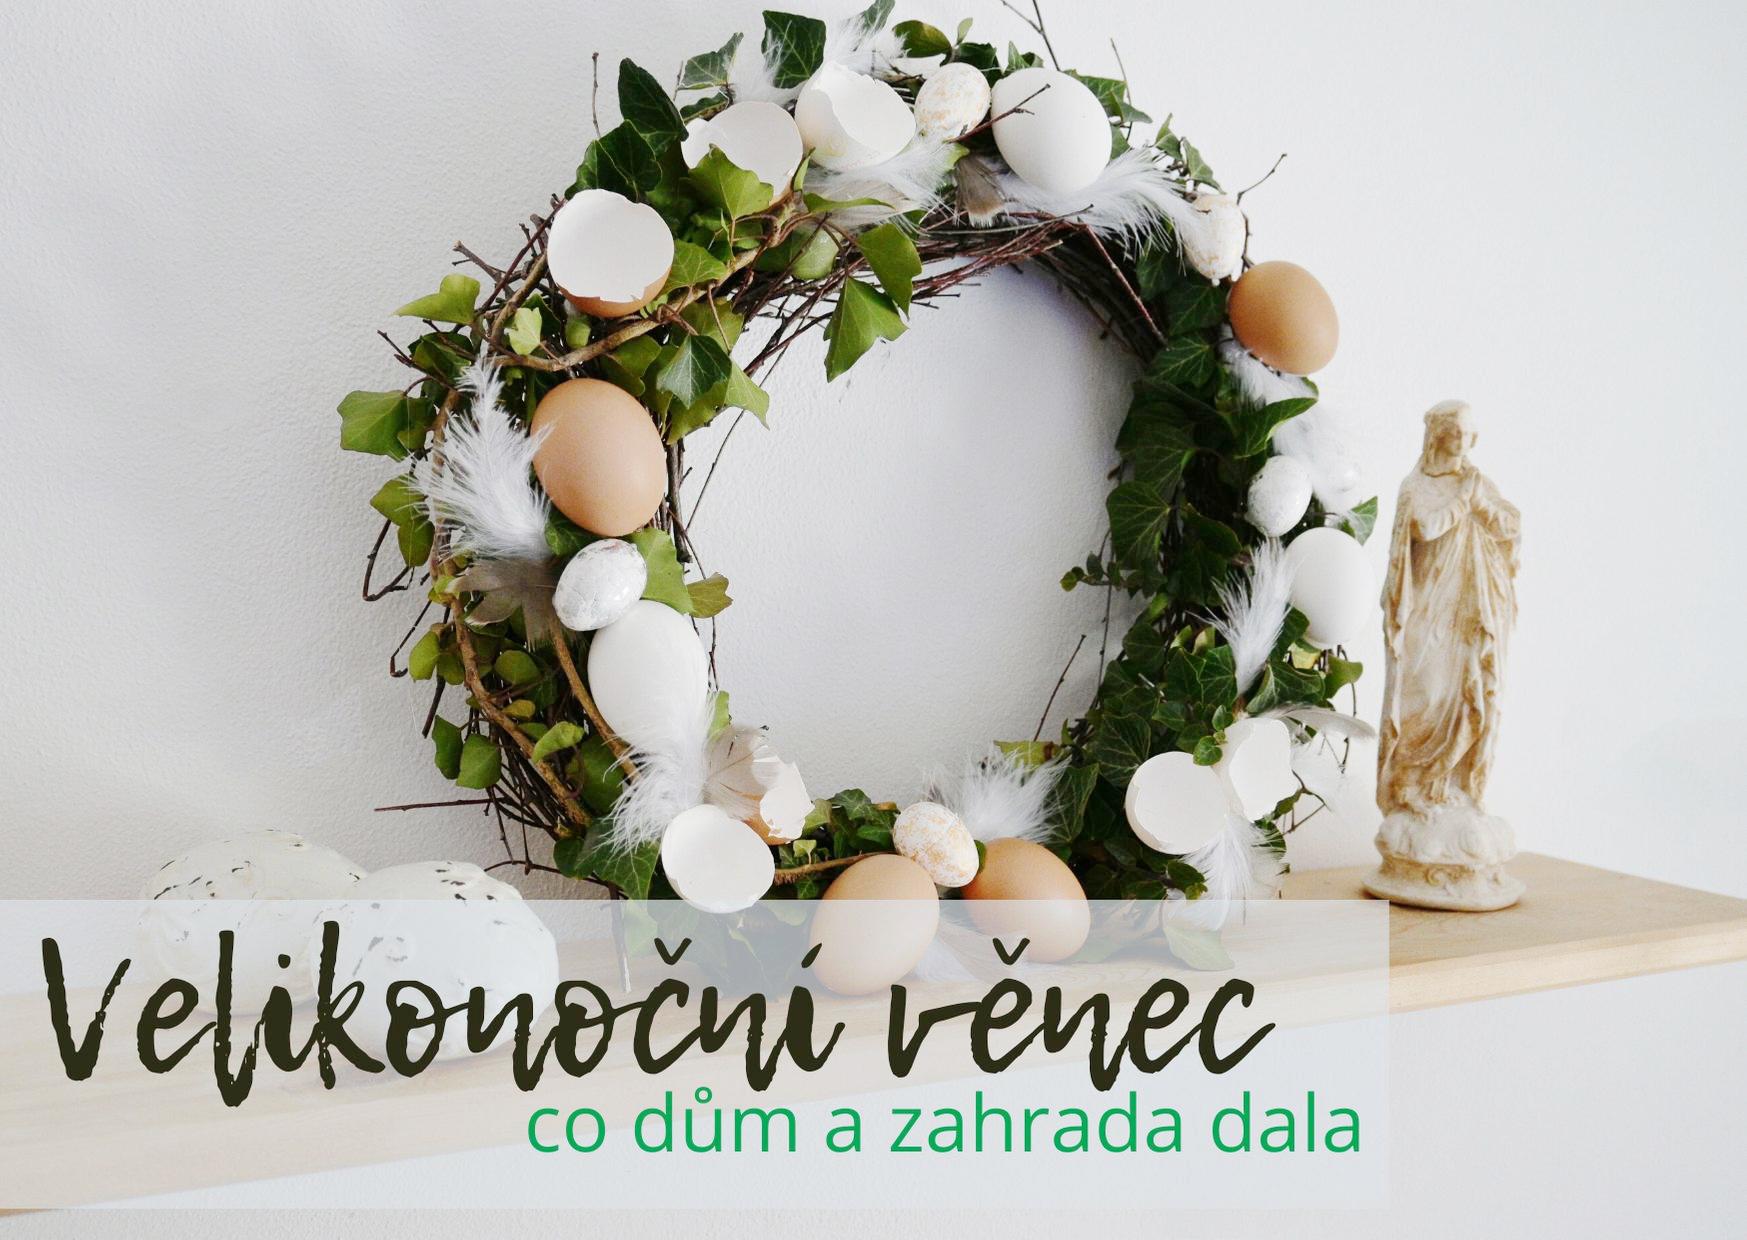 Velikonoční věnec krok za krokem